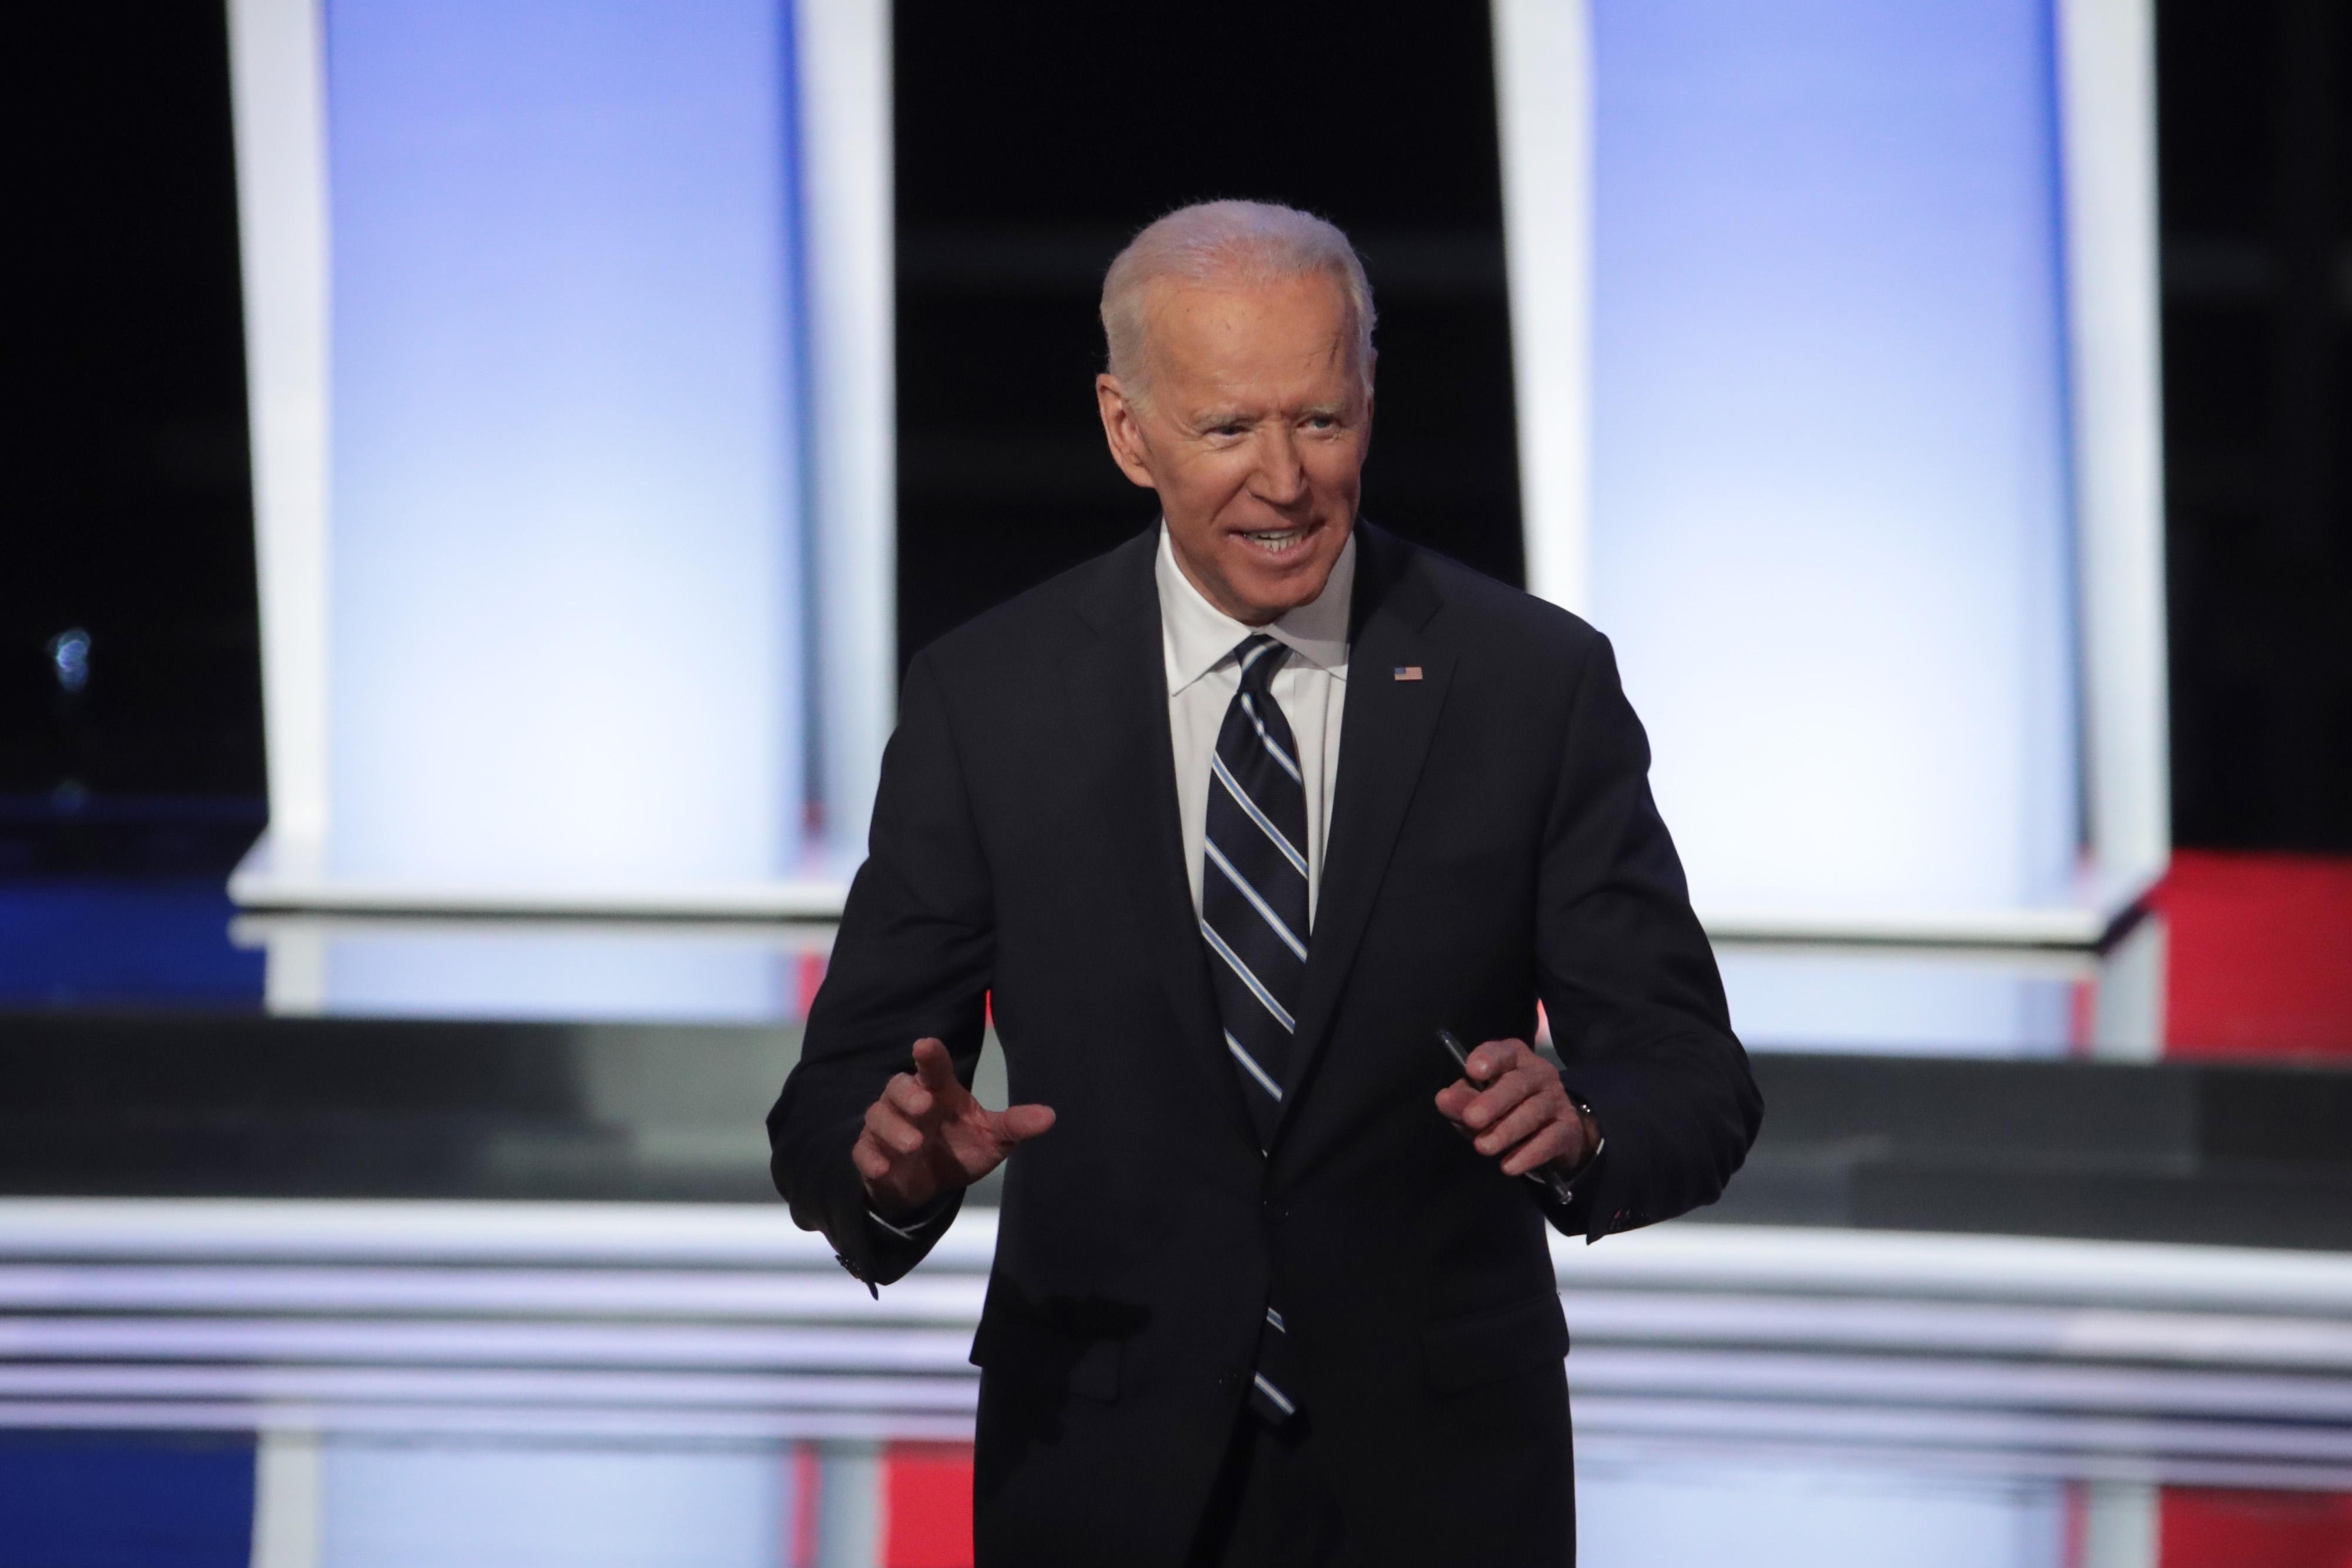 Joe Biden redeems himself